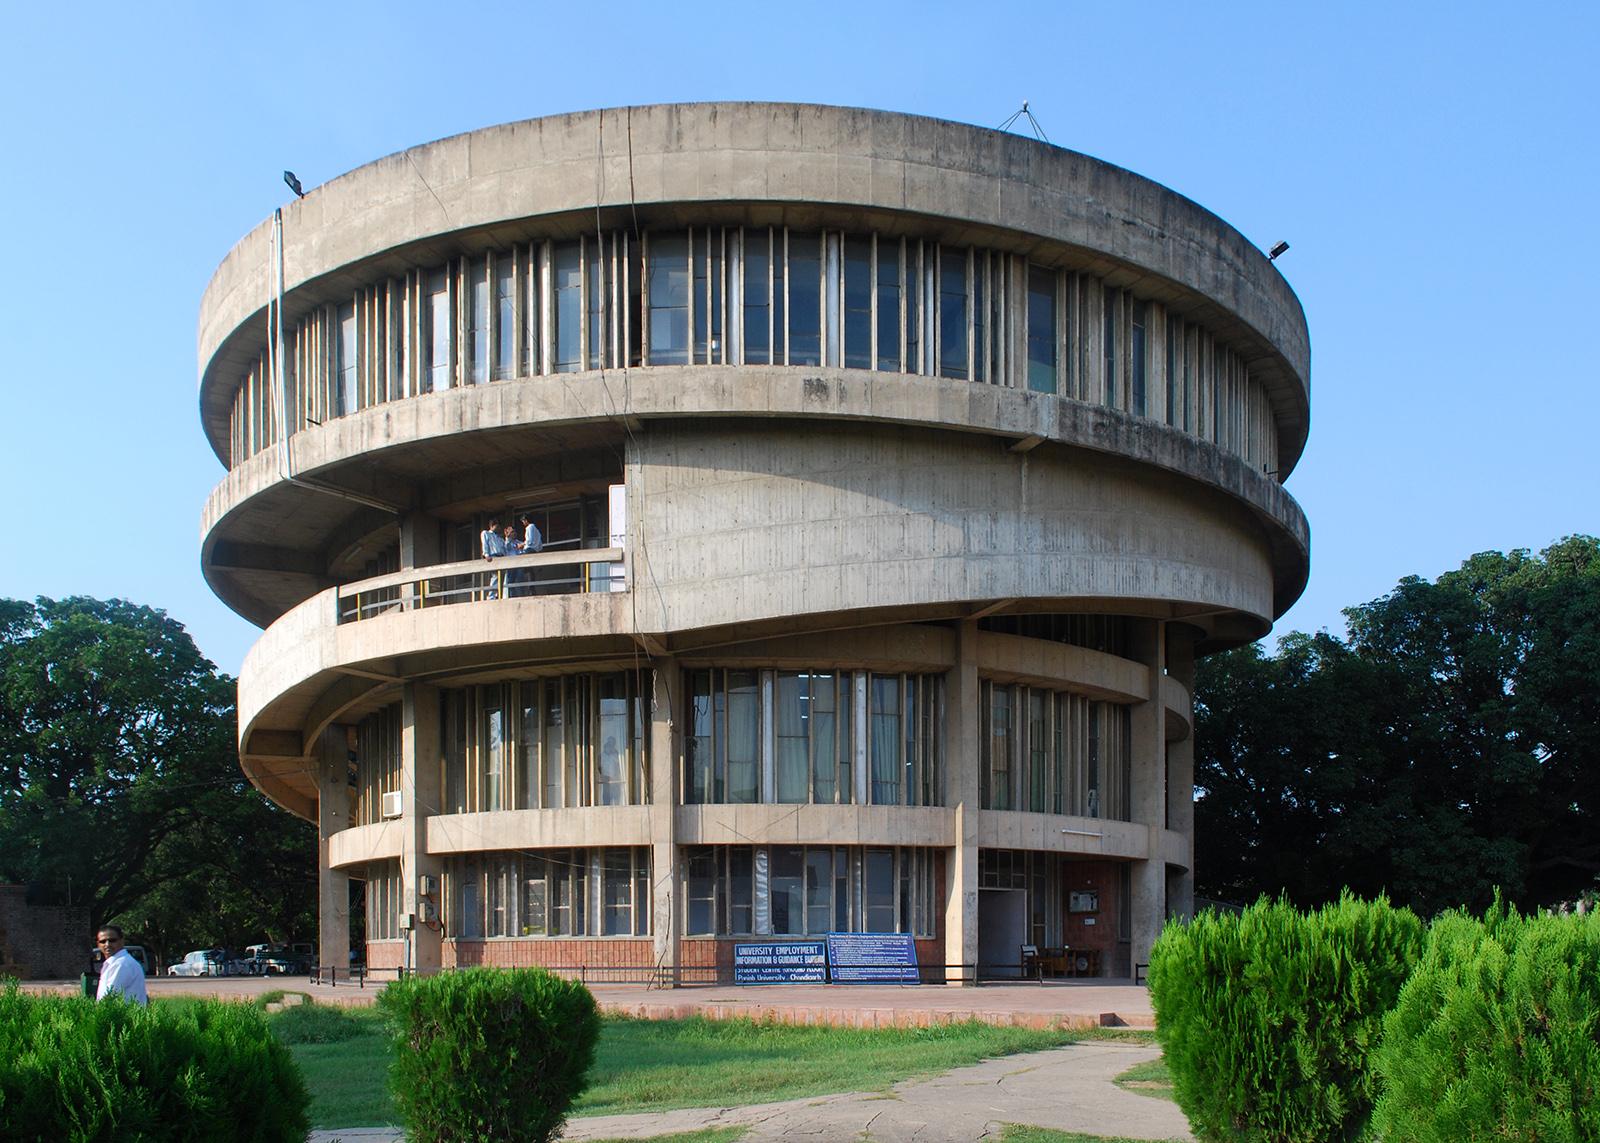 पंजाब यूनिवर्सिटी में डी.एस.डब्ल्यू. नियुक्ति का मुद्दा अप्रूवल की बजाय रैटीफिकेशन में आया